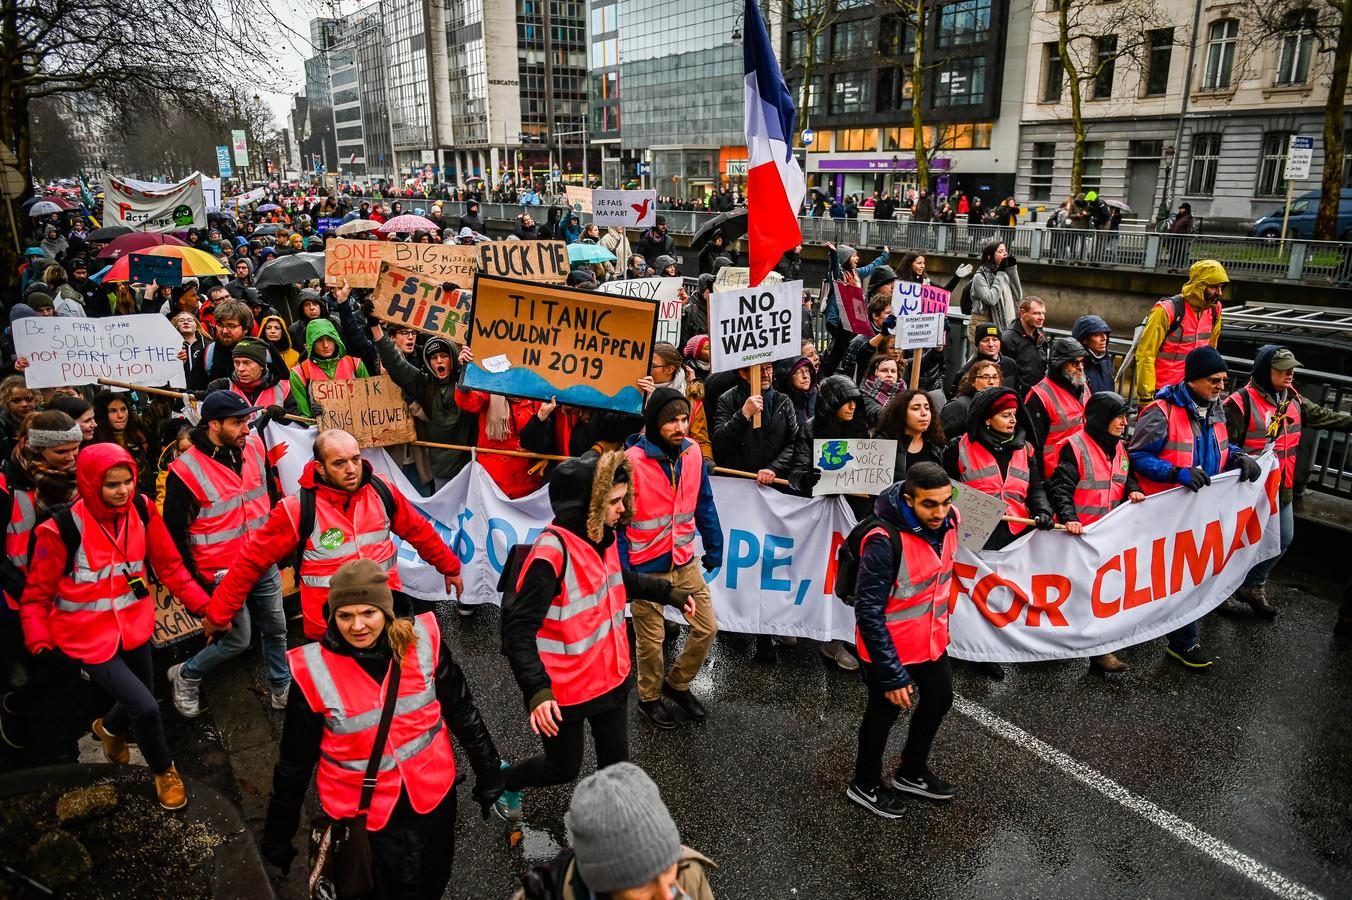 De studentenprotesten in Brussel raakten een snaar bij het Boomse gemeentebestuur. Zij wil nu met de Boomse scholieren in dialoog treden over het klimaat.